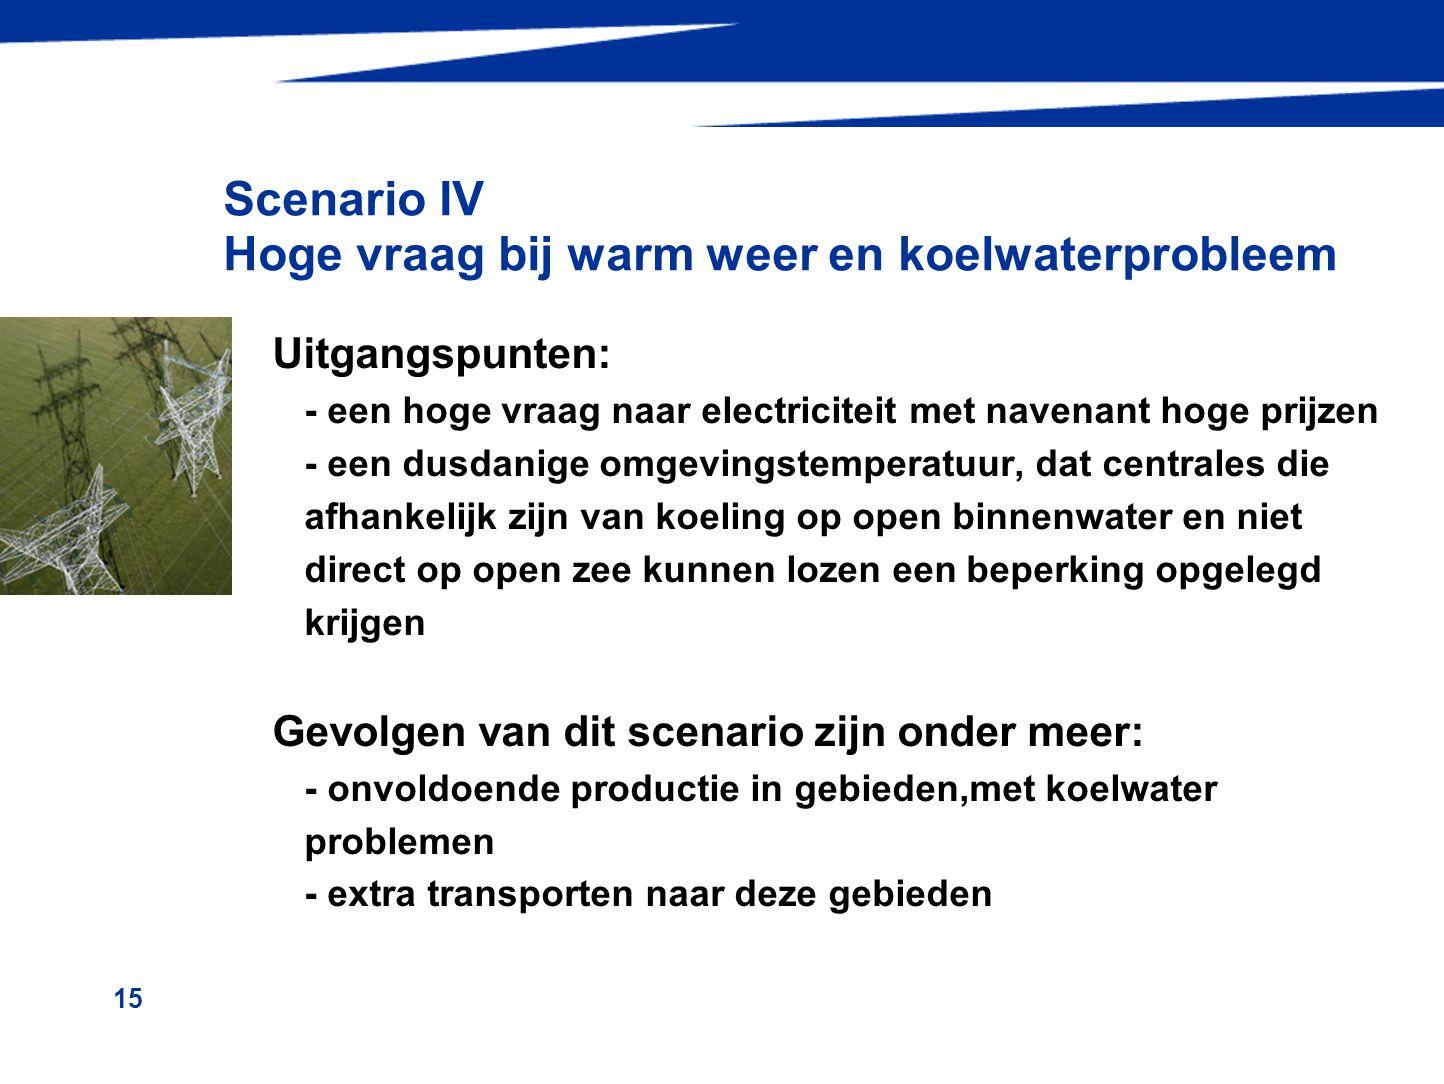 Scenario IV Hoge vraag bij warm weer en koelwaterprobleem